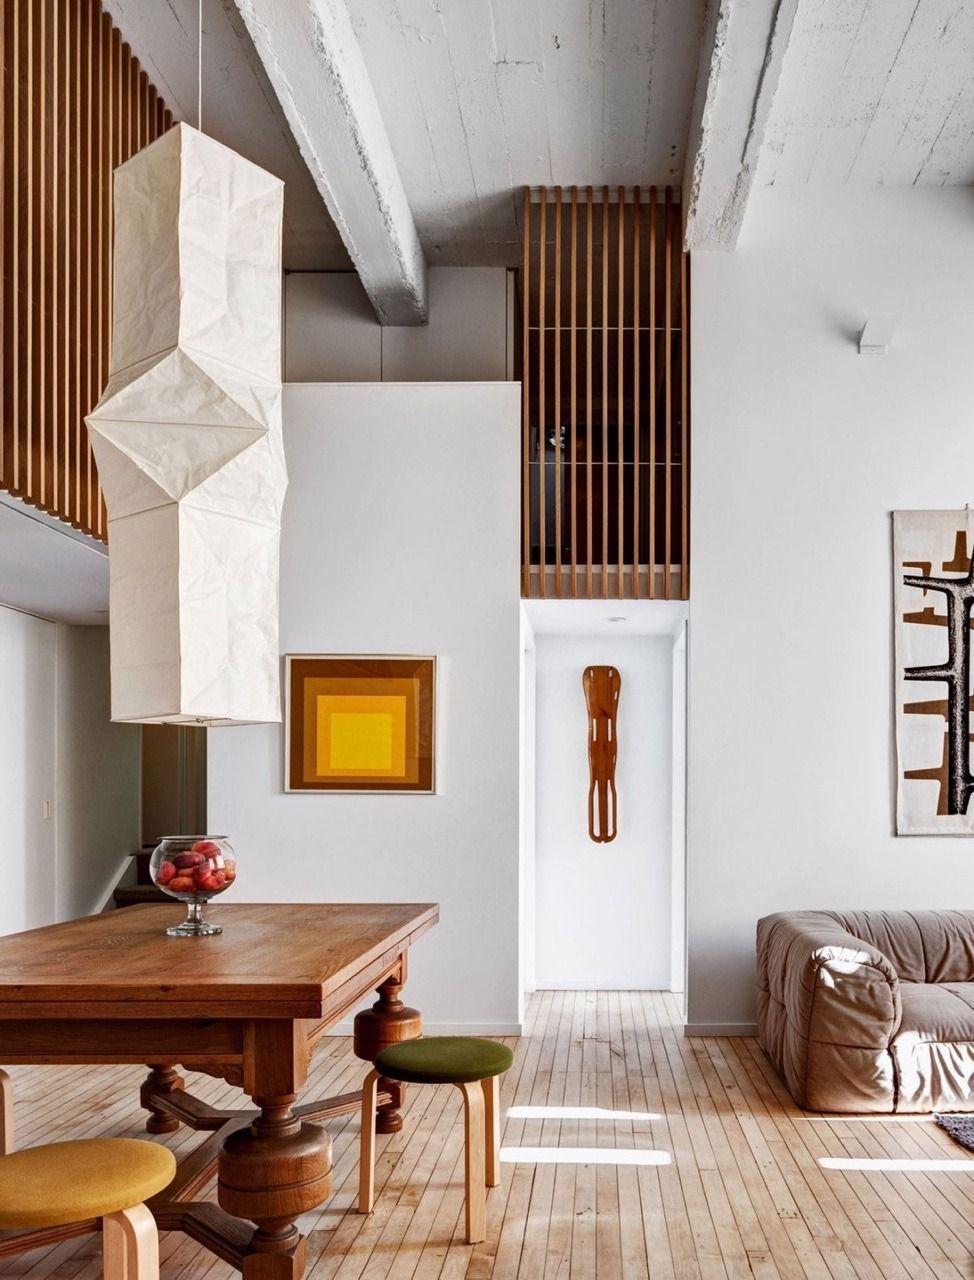 Home design exterieur und interieur modmuse  intérieur et extérieur  pinterest  living rooms room